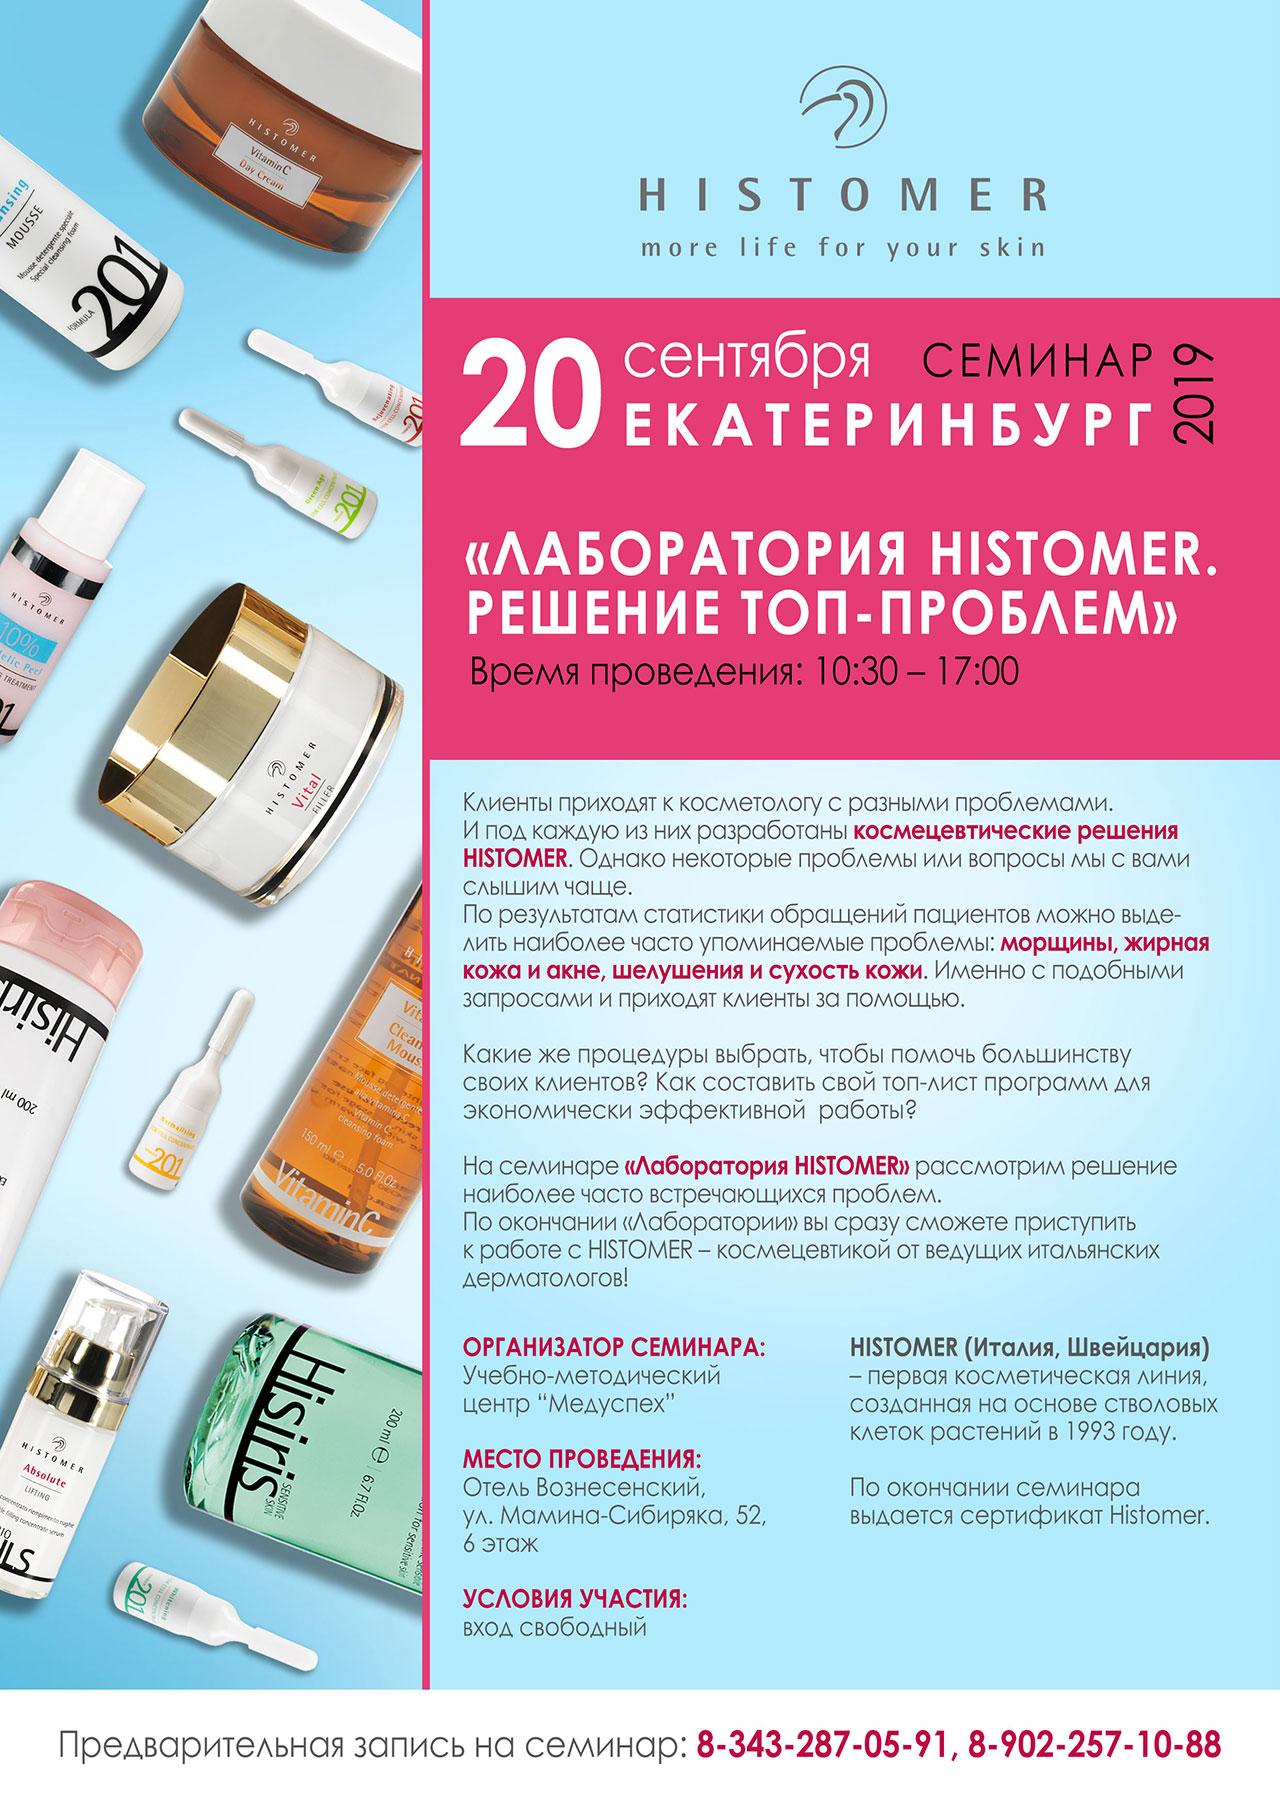 20 сентября 2019 г. в Екатеринбурге состоится семинар «Лаборатория HISTOMER. Решение проблем.»